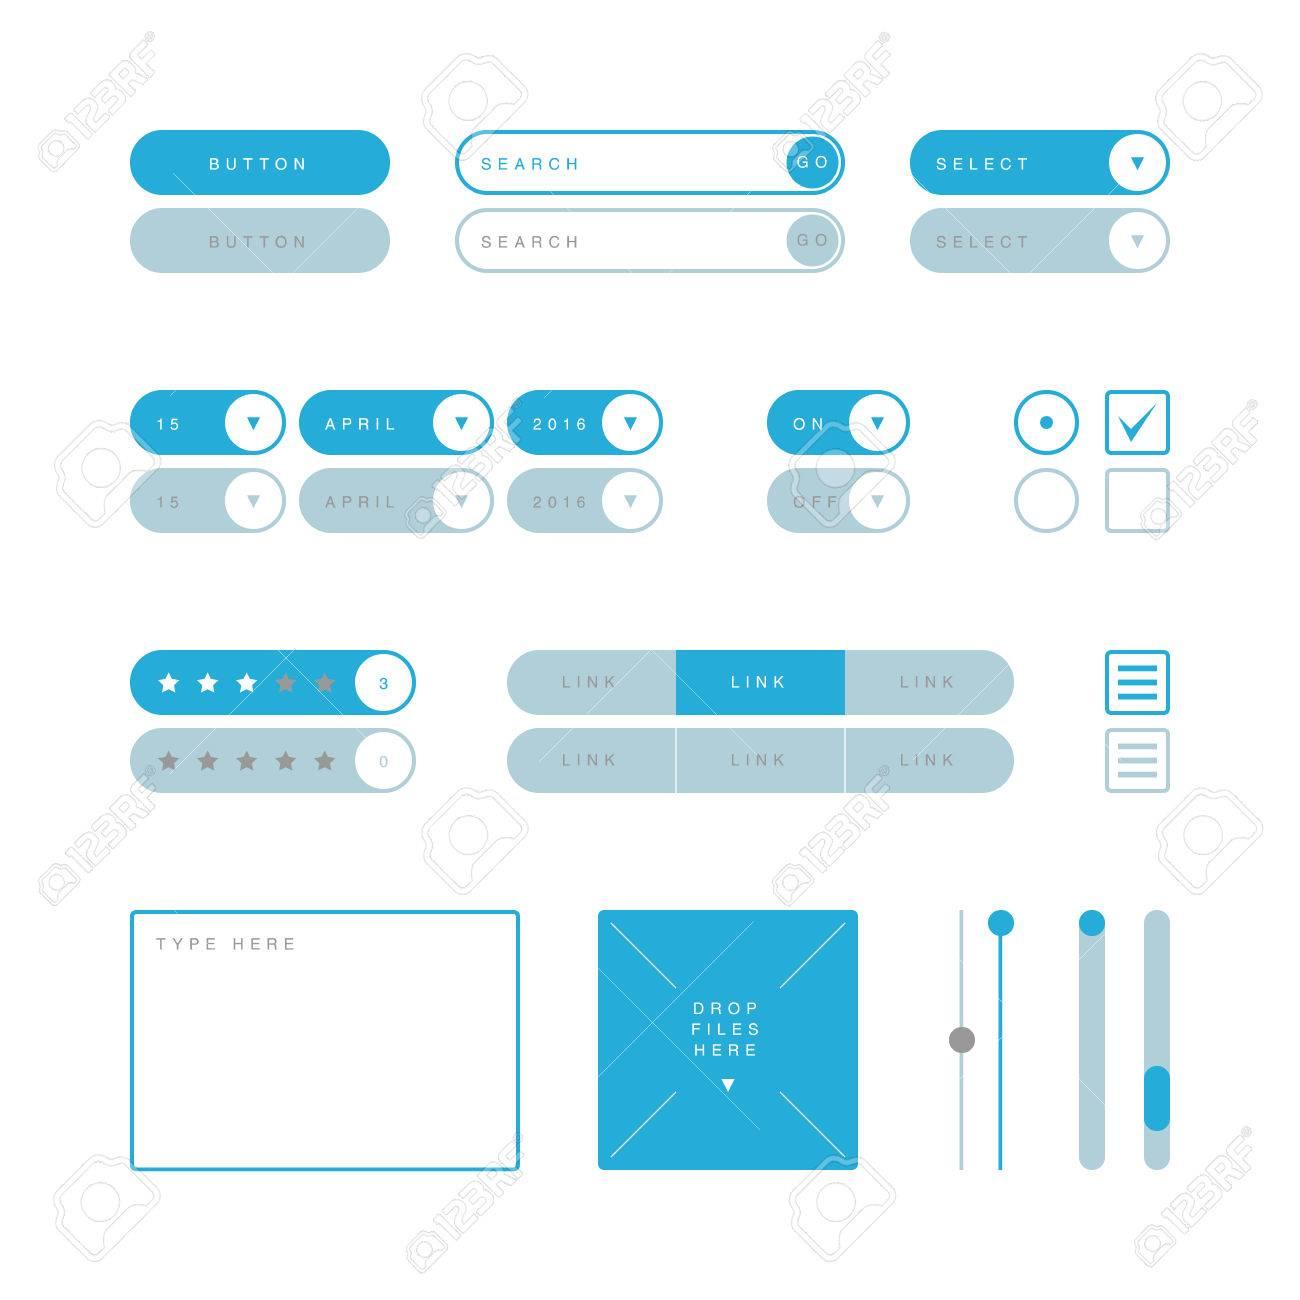 Diagram Of Radio Button Form Wiring Libraries Mini Bike 46cc Ui Design Elements Vector Search Field Selector Checkboxbutton